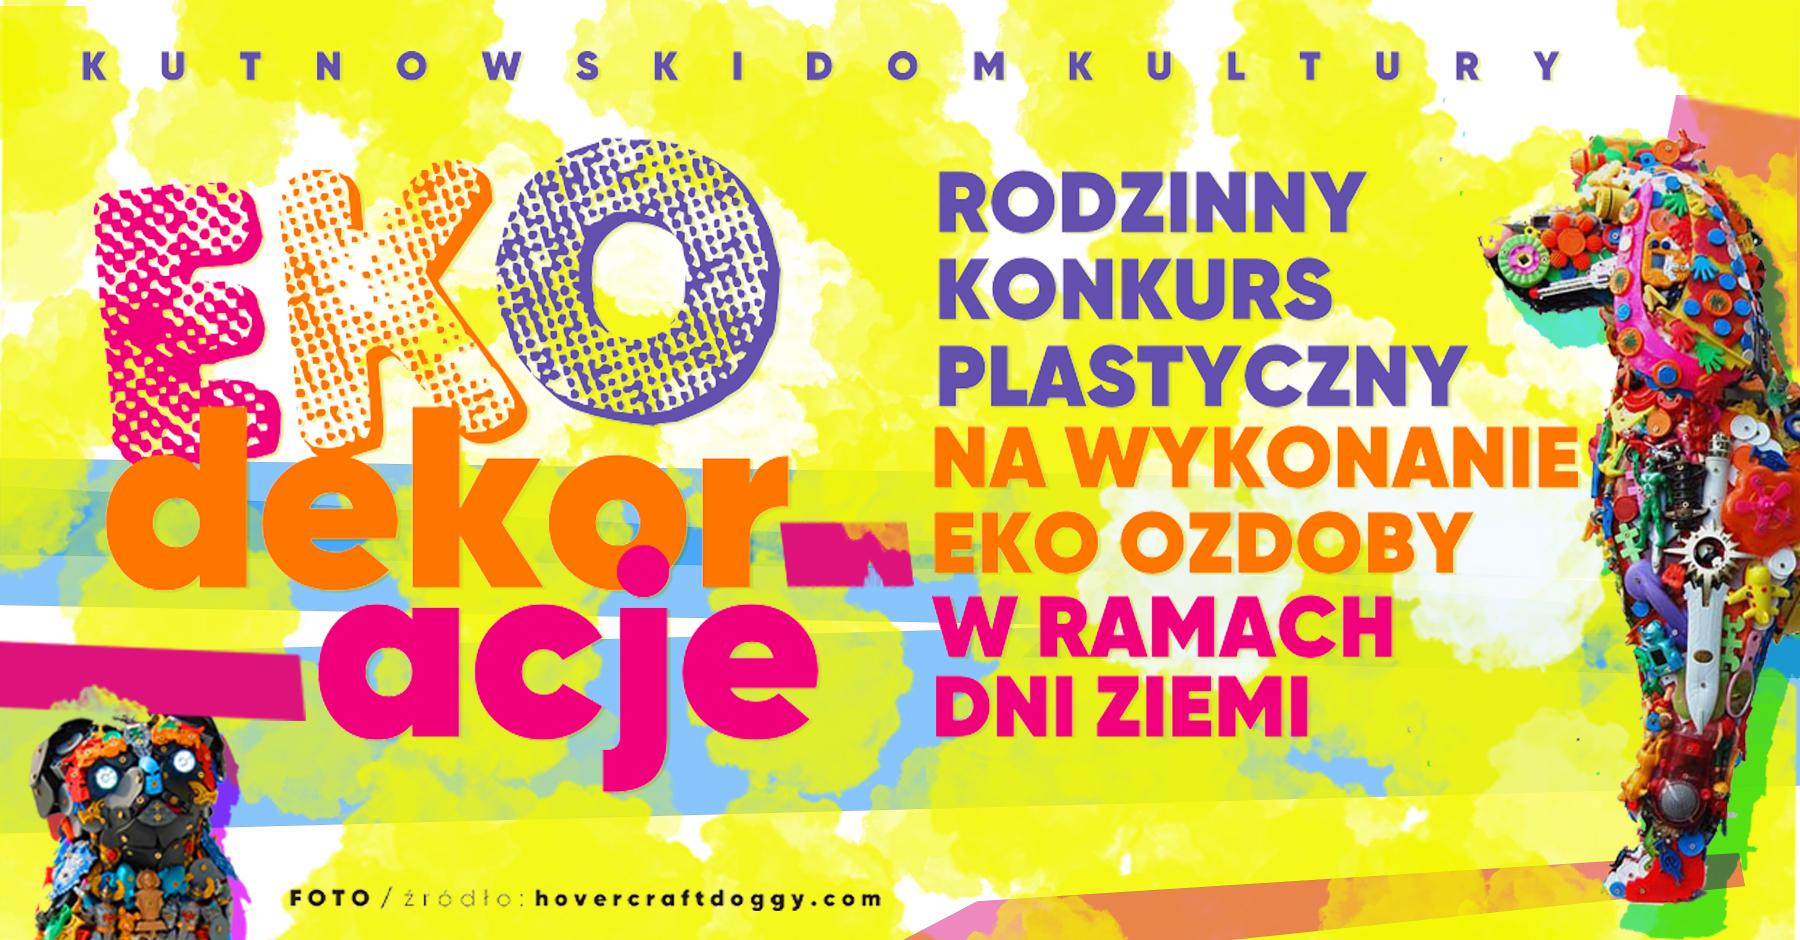 KDK organizuje konkurs z okazji zbliżającego się Światowego Dnia Ziemi - Zdjęcie główne